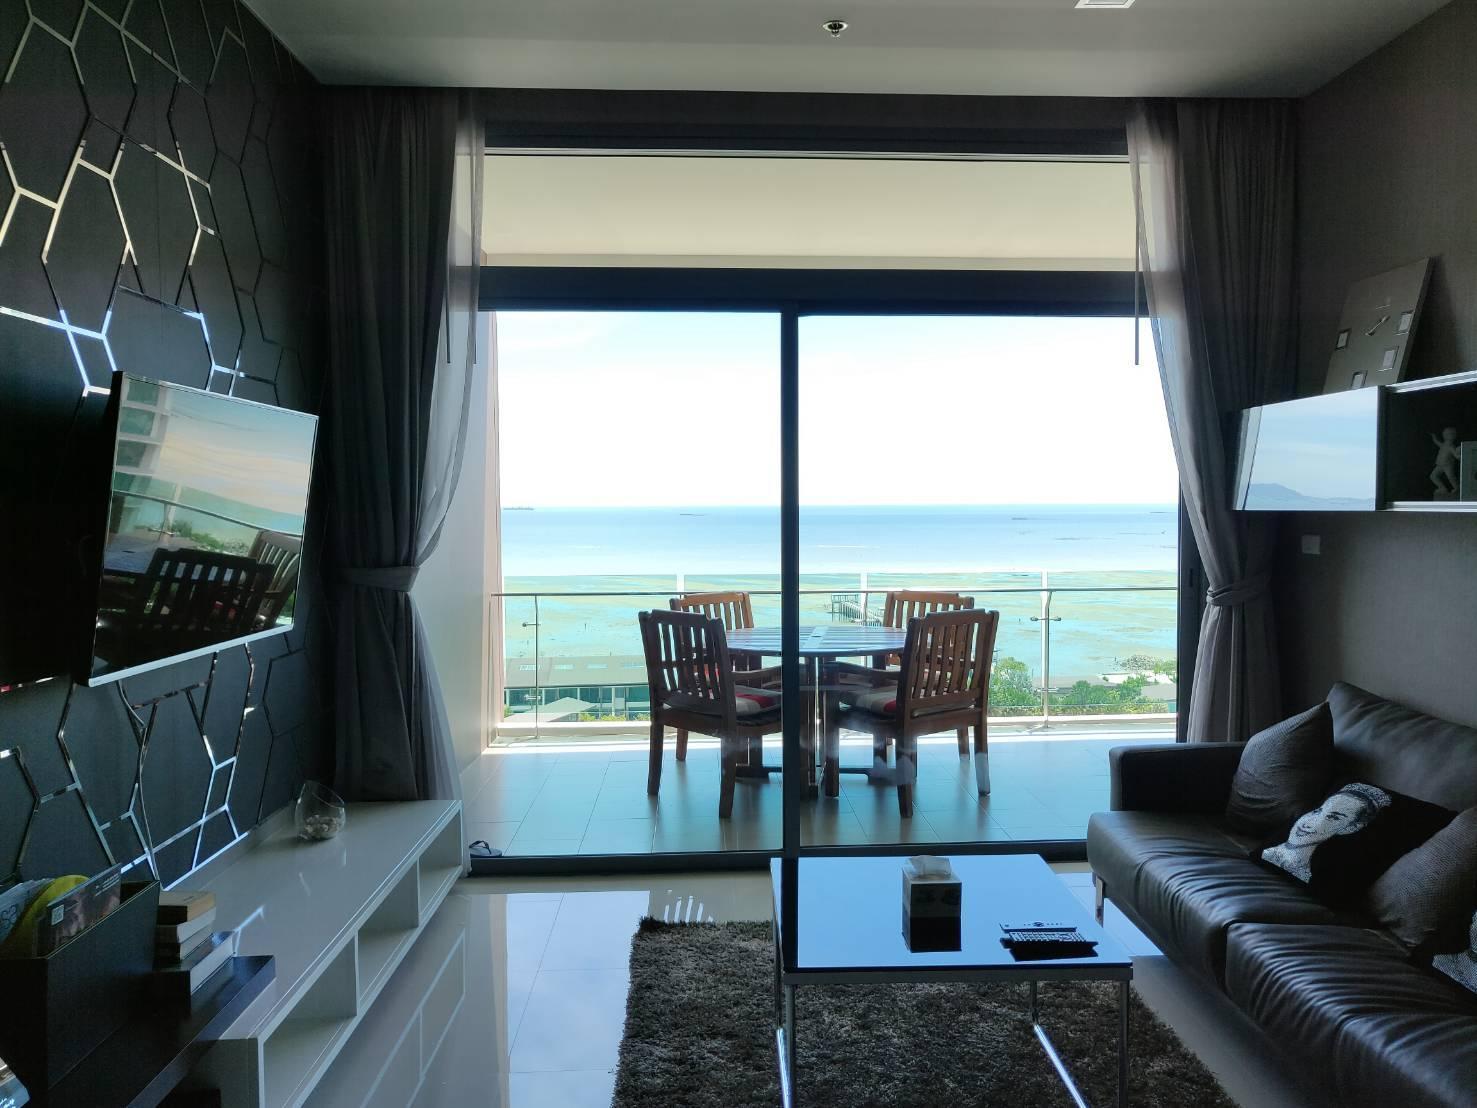 Luxury Seaview Condominium Casalunar